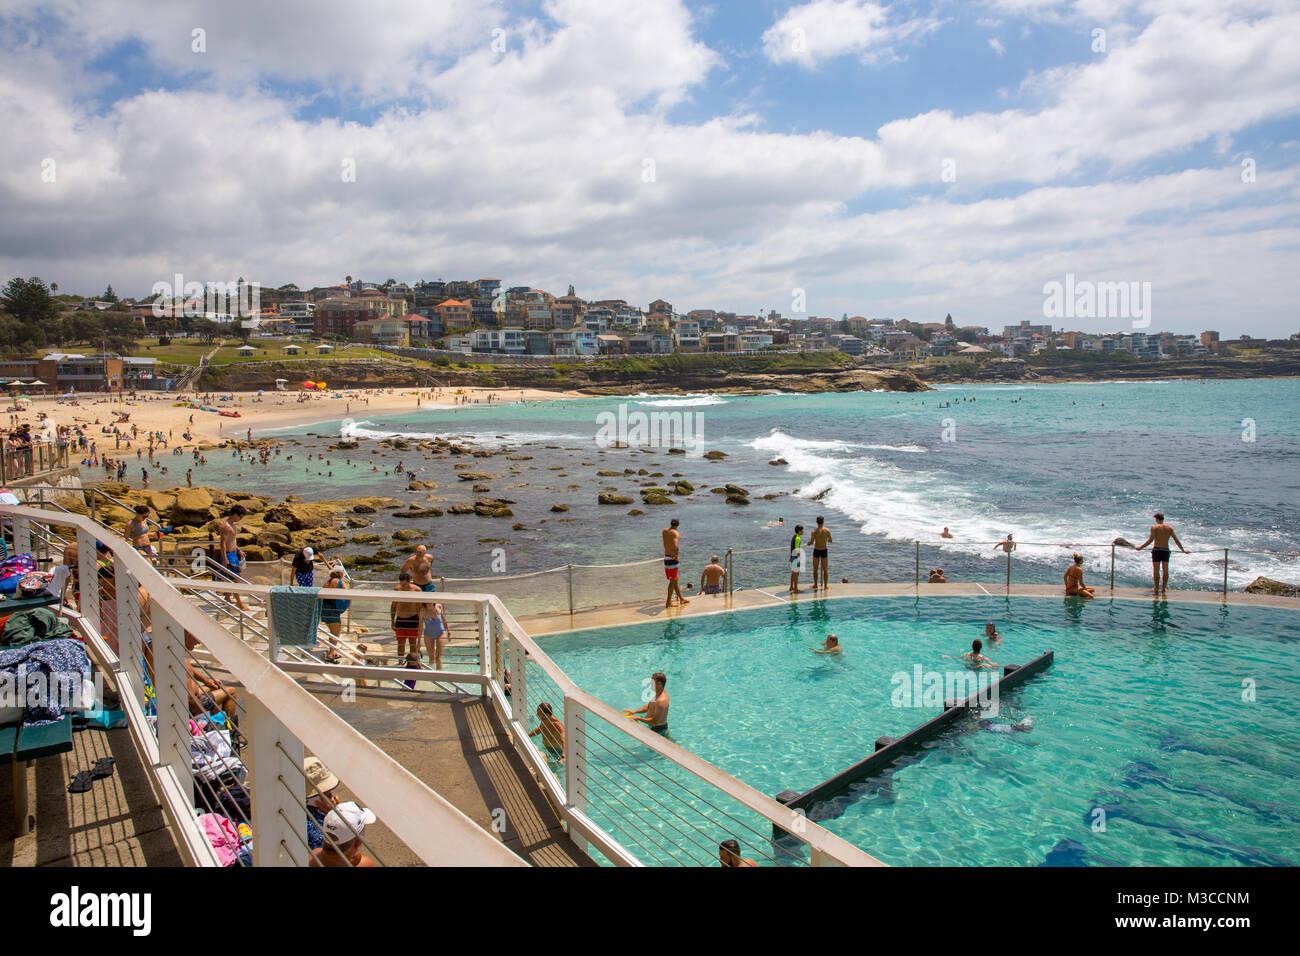 Bronte beach and ocean swimming pool in Sydney eastern